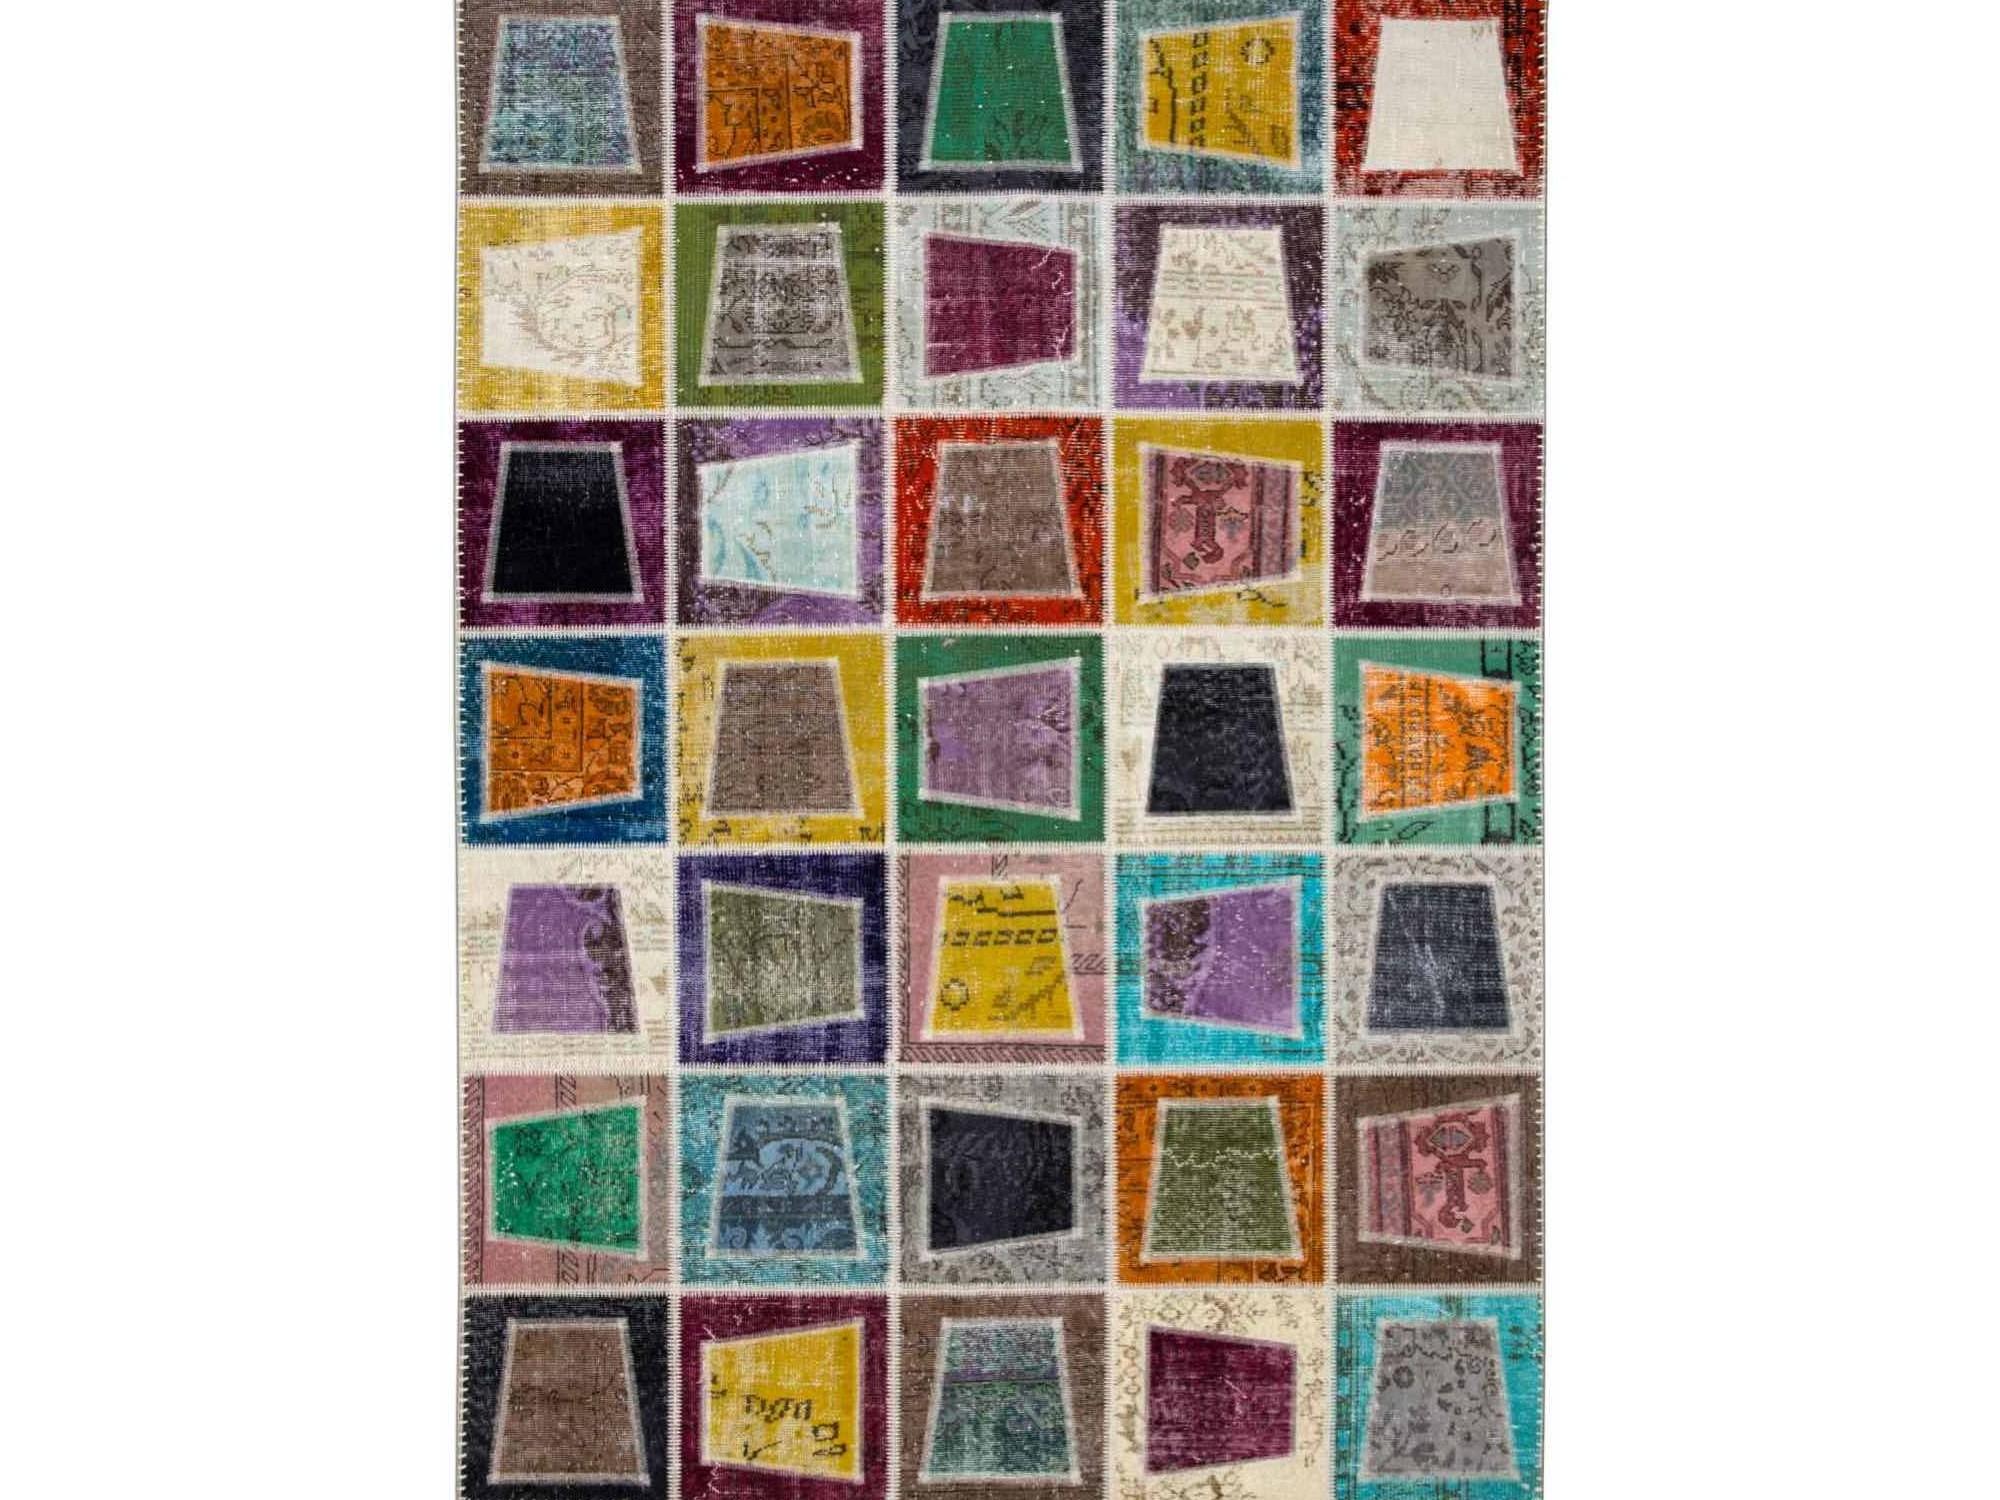 Ковер PatchworkПрямоугольные ковры<br>Винтажный ковер ручной работы в стиле &amp;quot;пэчворк&amp;quot; <br>из 100% шерсти. Ковер прекрасно подходит в <br>любые современные и классические интерьеры, <br>а благодаря толщине ковра всего 5 мм. и отсутствию <br>ворса, его легко чистить любыми видами пылесосов. <br>Этот настоящий ковер ручной работы не потеряет <br>своих красок и будет служить десятилетия.<br><br>Material: Шерсть<br>Ширина см: 200<br>Глубина см: 280